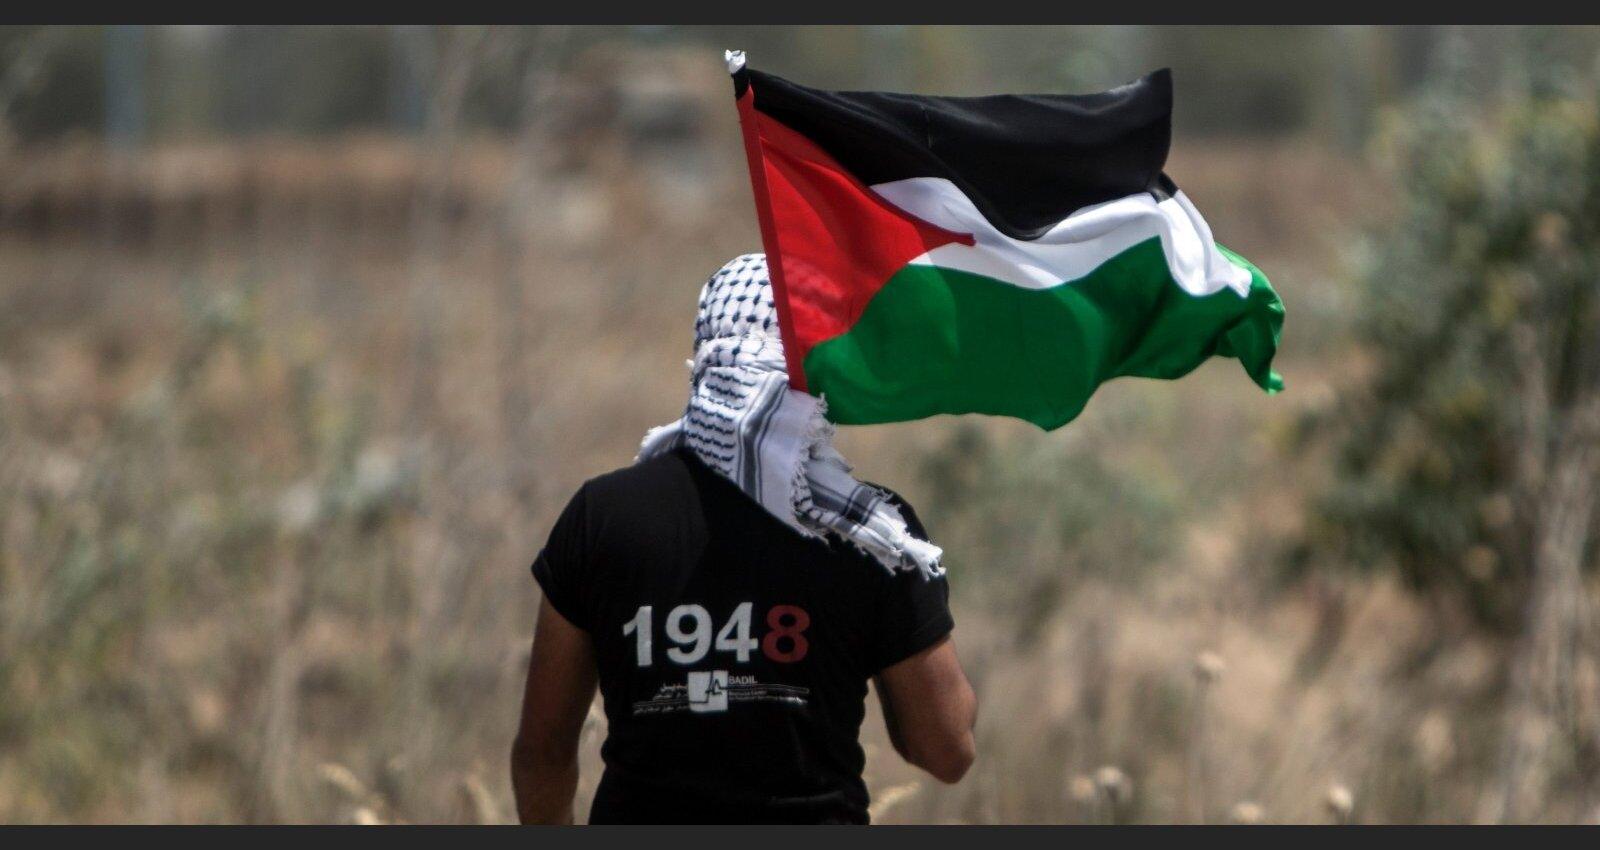 'Delfi' Izraēlā: Mēs viņus pieveiksim ar dzimstību – palestīnieši nepiekāpjas